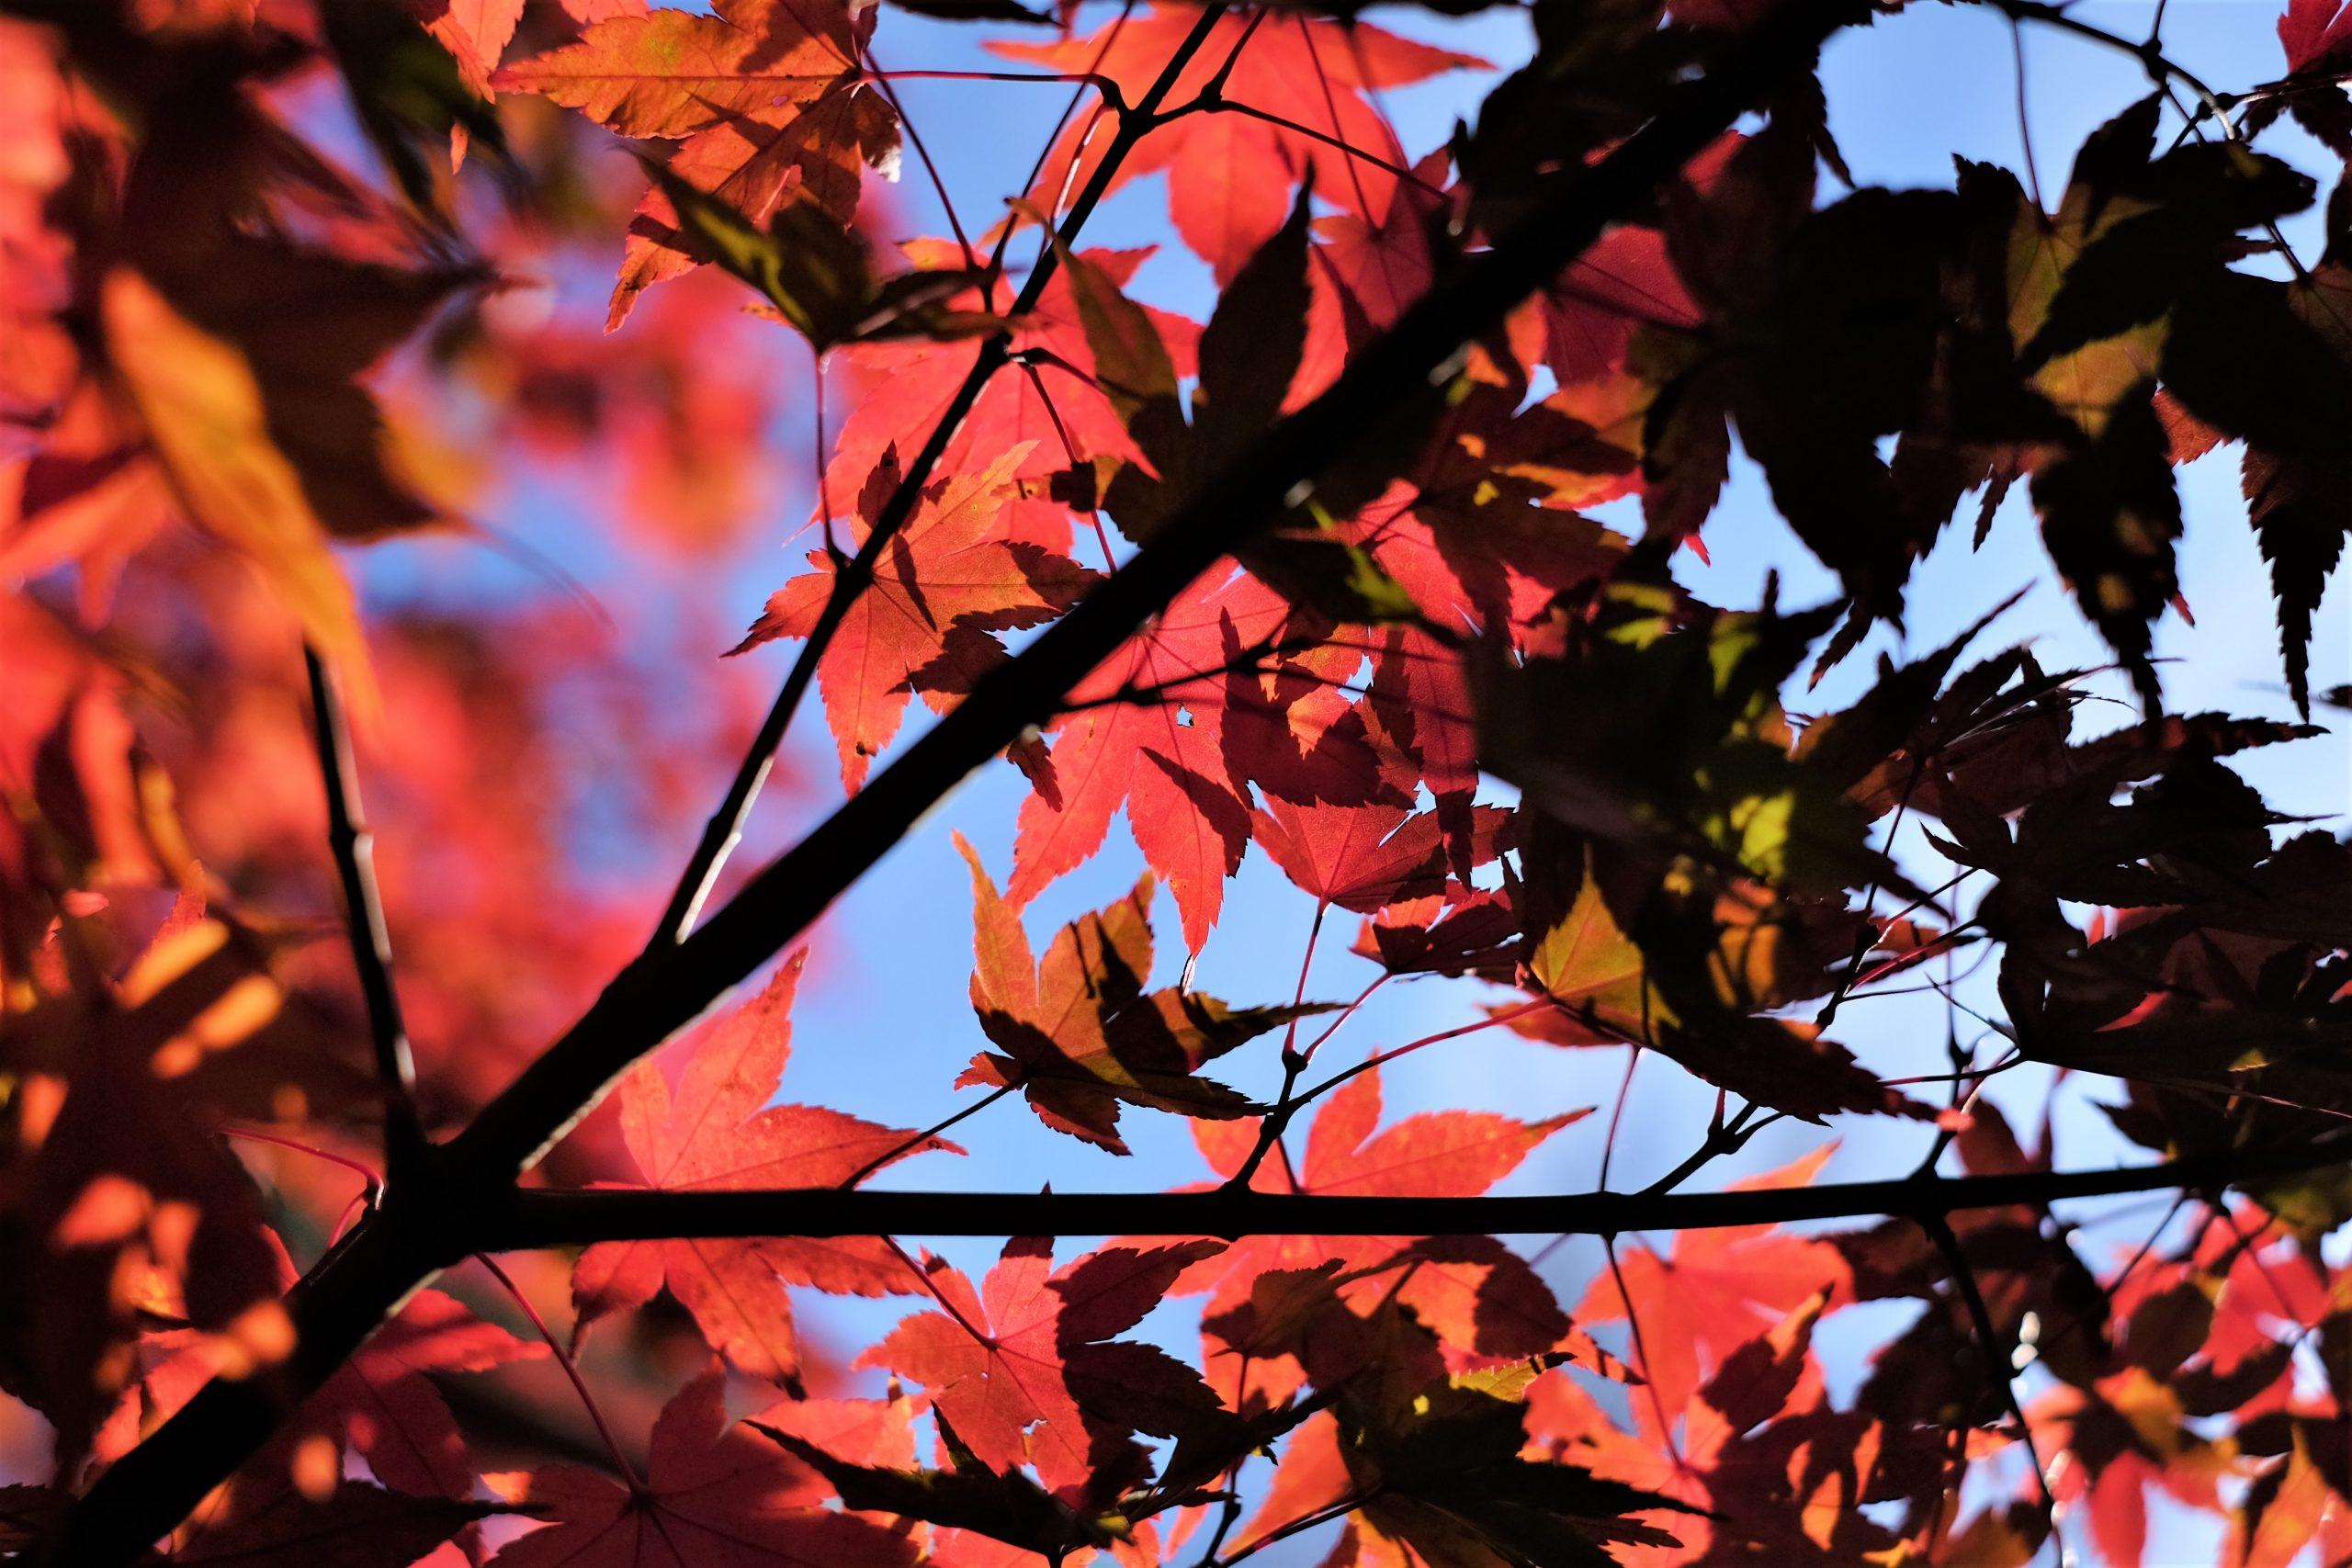 【FUJIFILM】私の紅葉撮影に欠かせないレンズ「FUJINON XF 35mm F1.4 R」